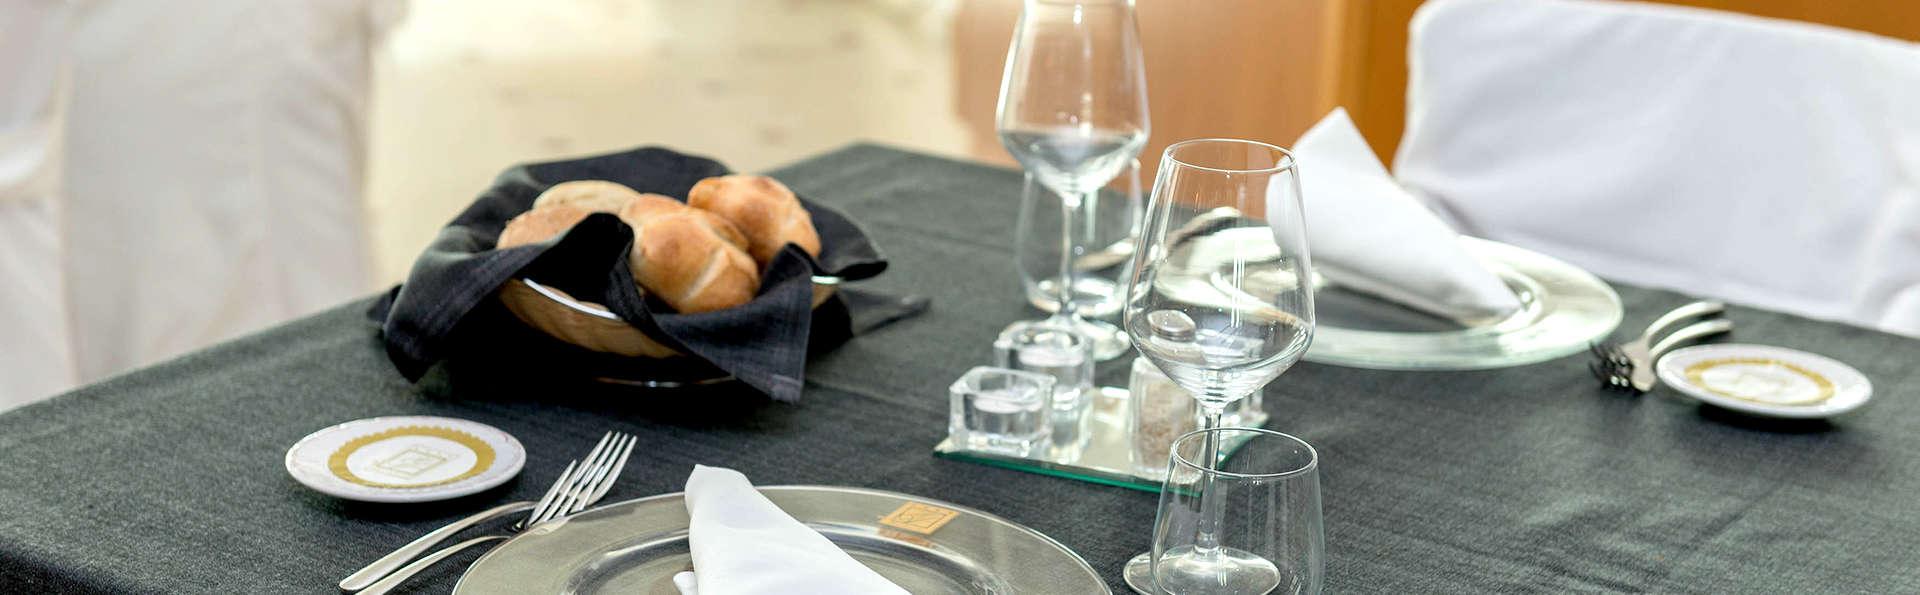 Découvrez le cœur de l'Agro Romano avec un dîner, à deux pas de Rome